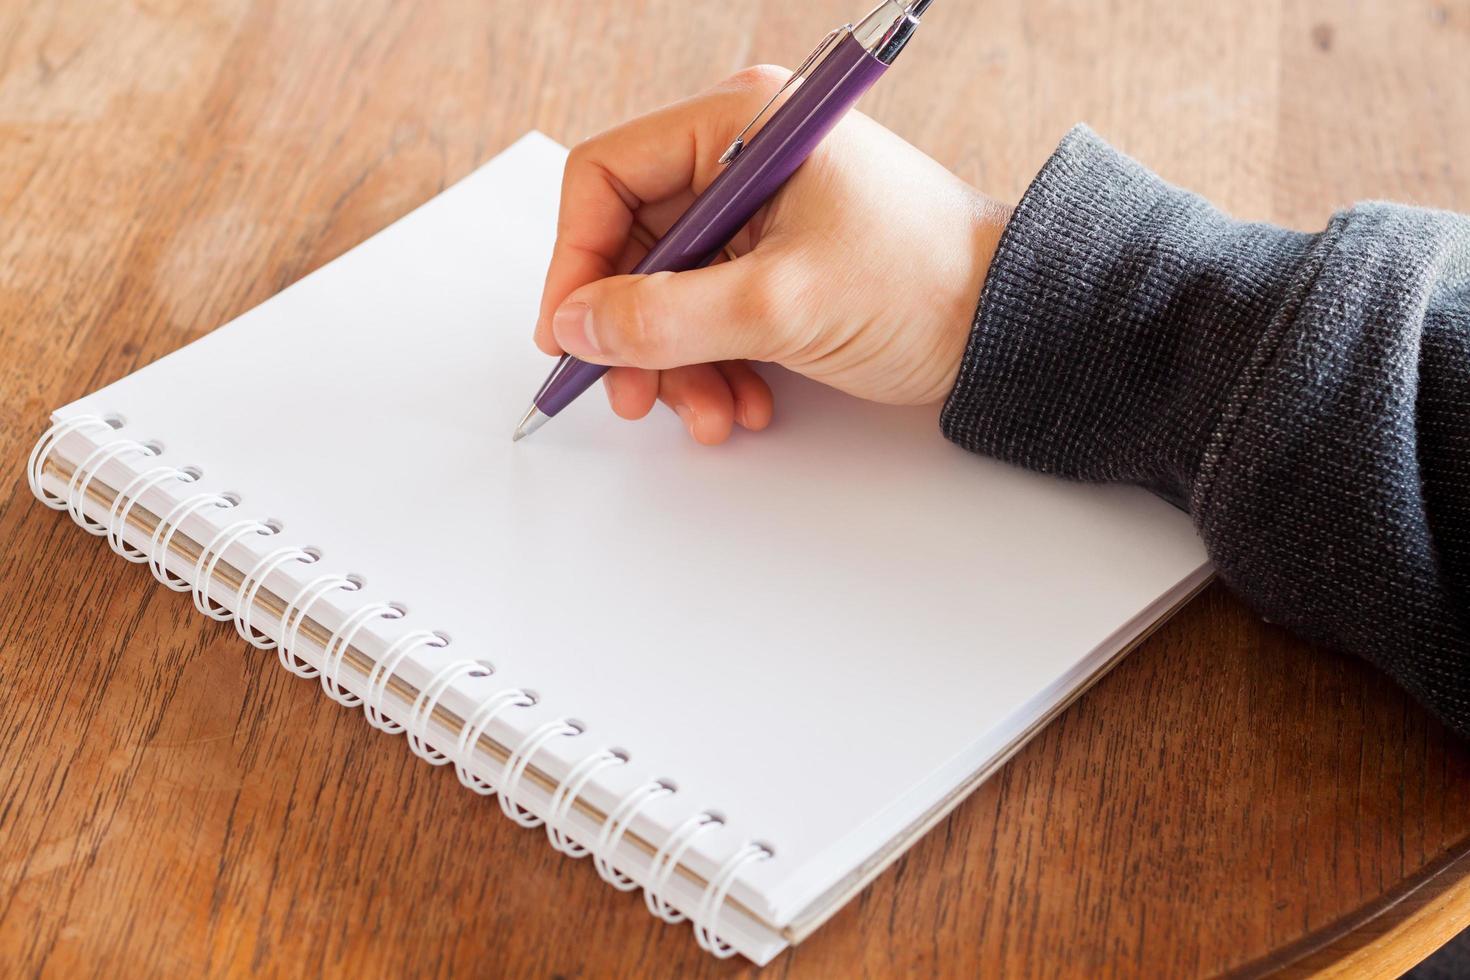 Nahaufnahme einer Handschrift in einem Notizbuch foto